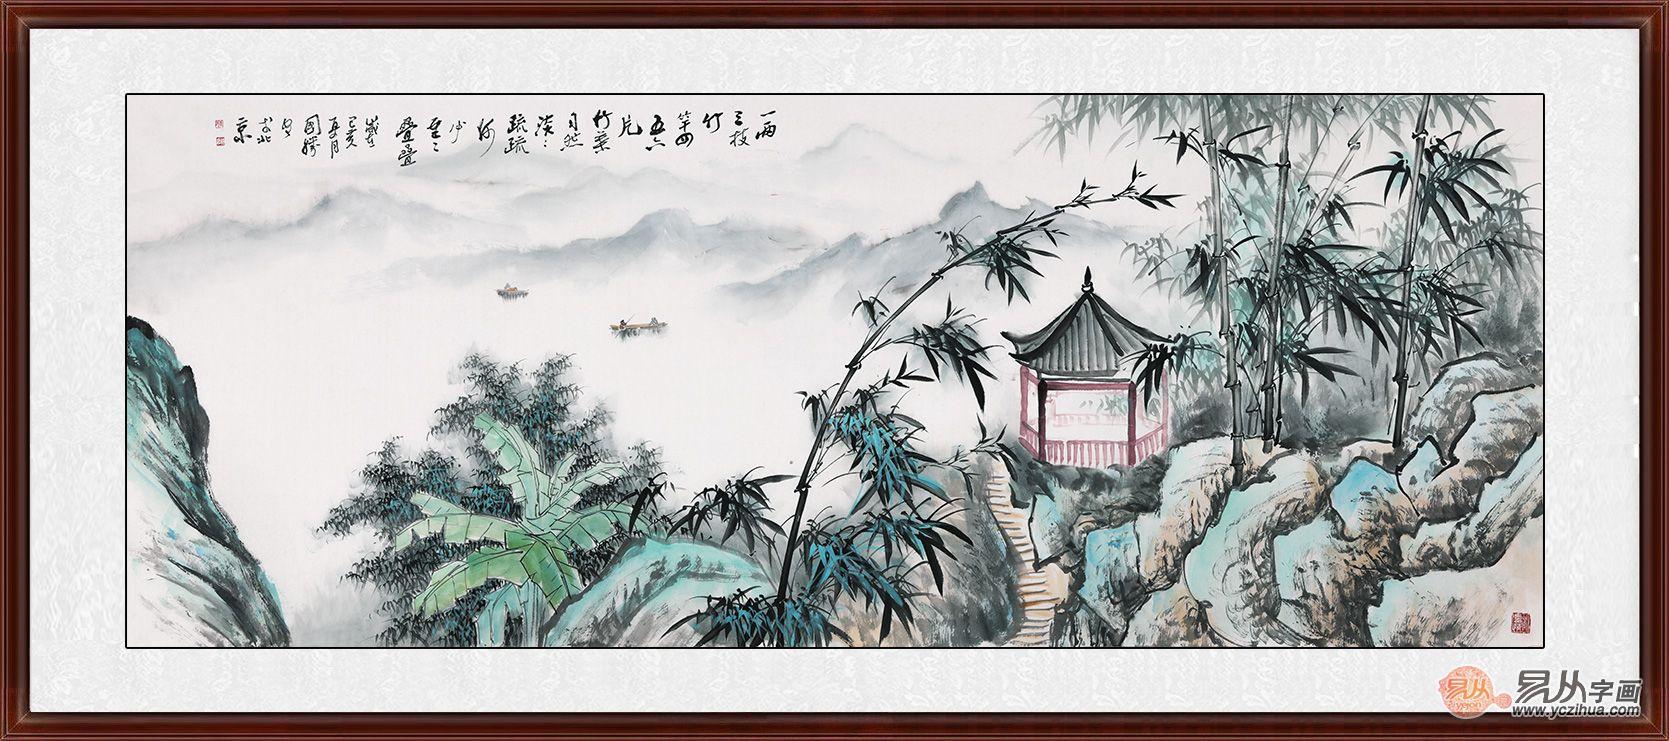 李国胜竹子山水画欣赏 一笔纸墨写尽人间意趣